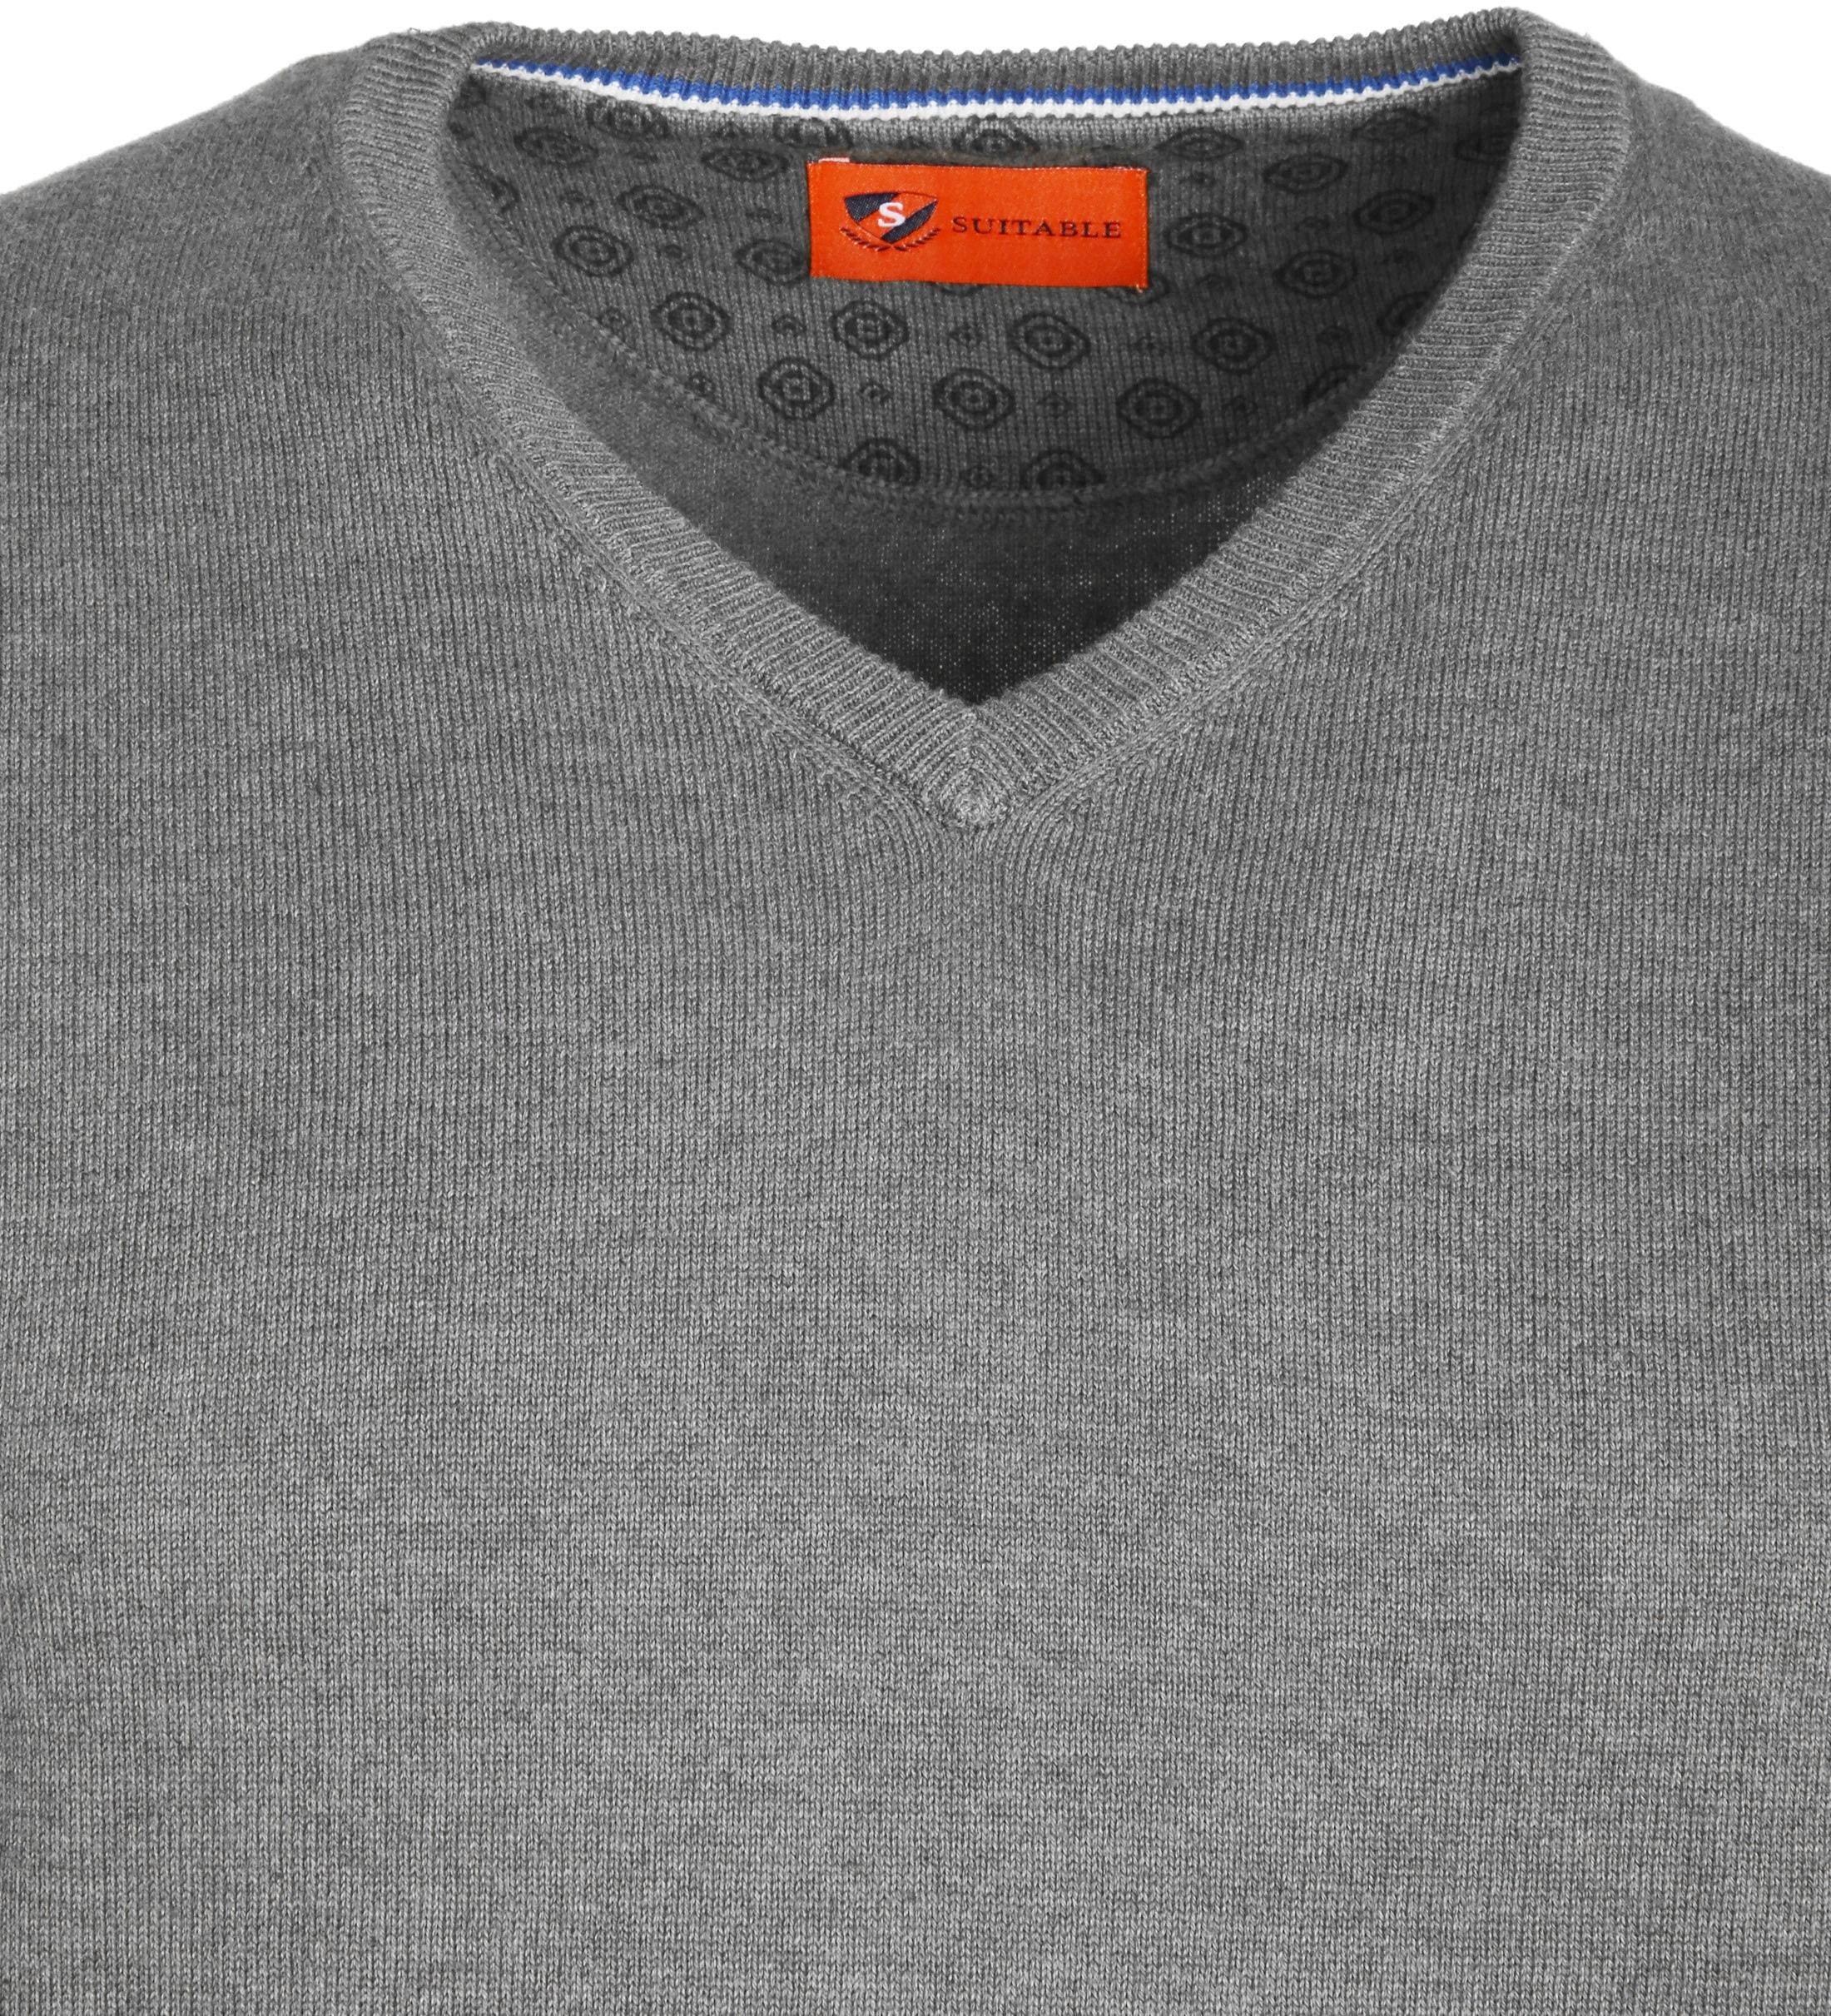 Suitable Pullover Vince Grijs foto 1